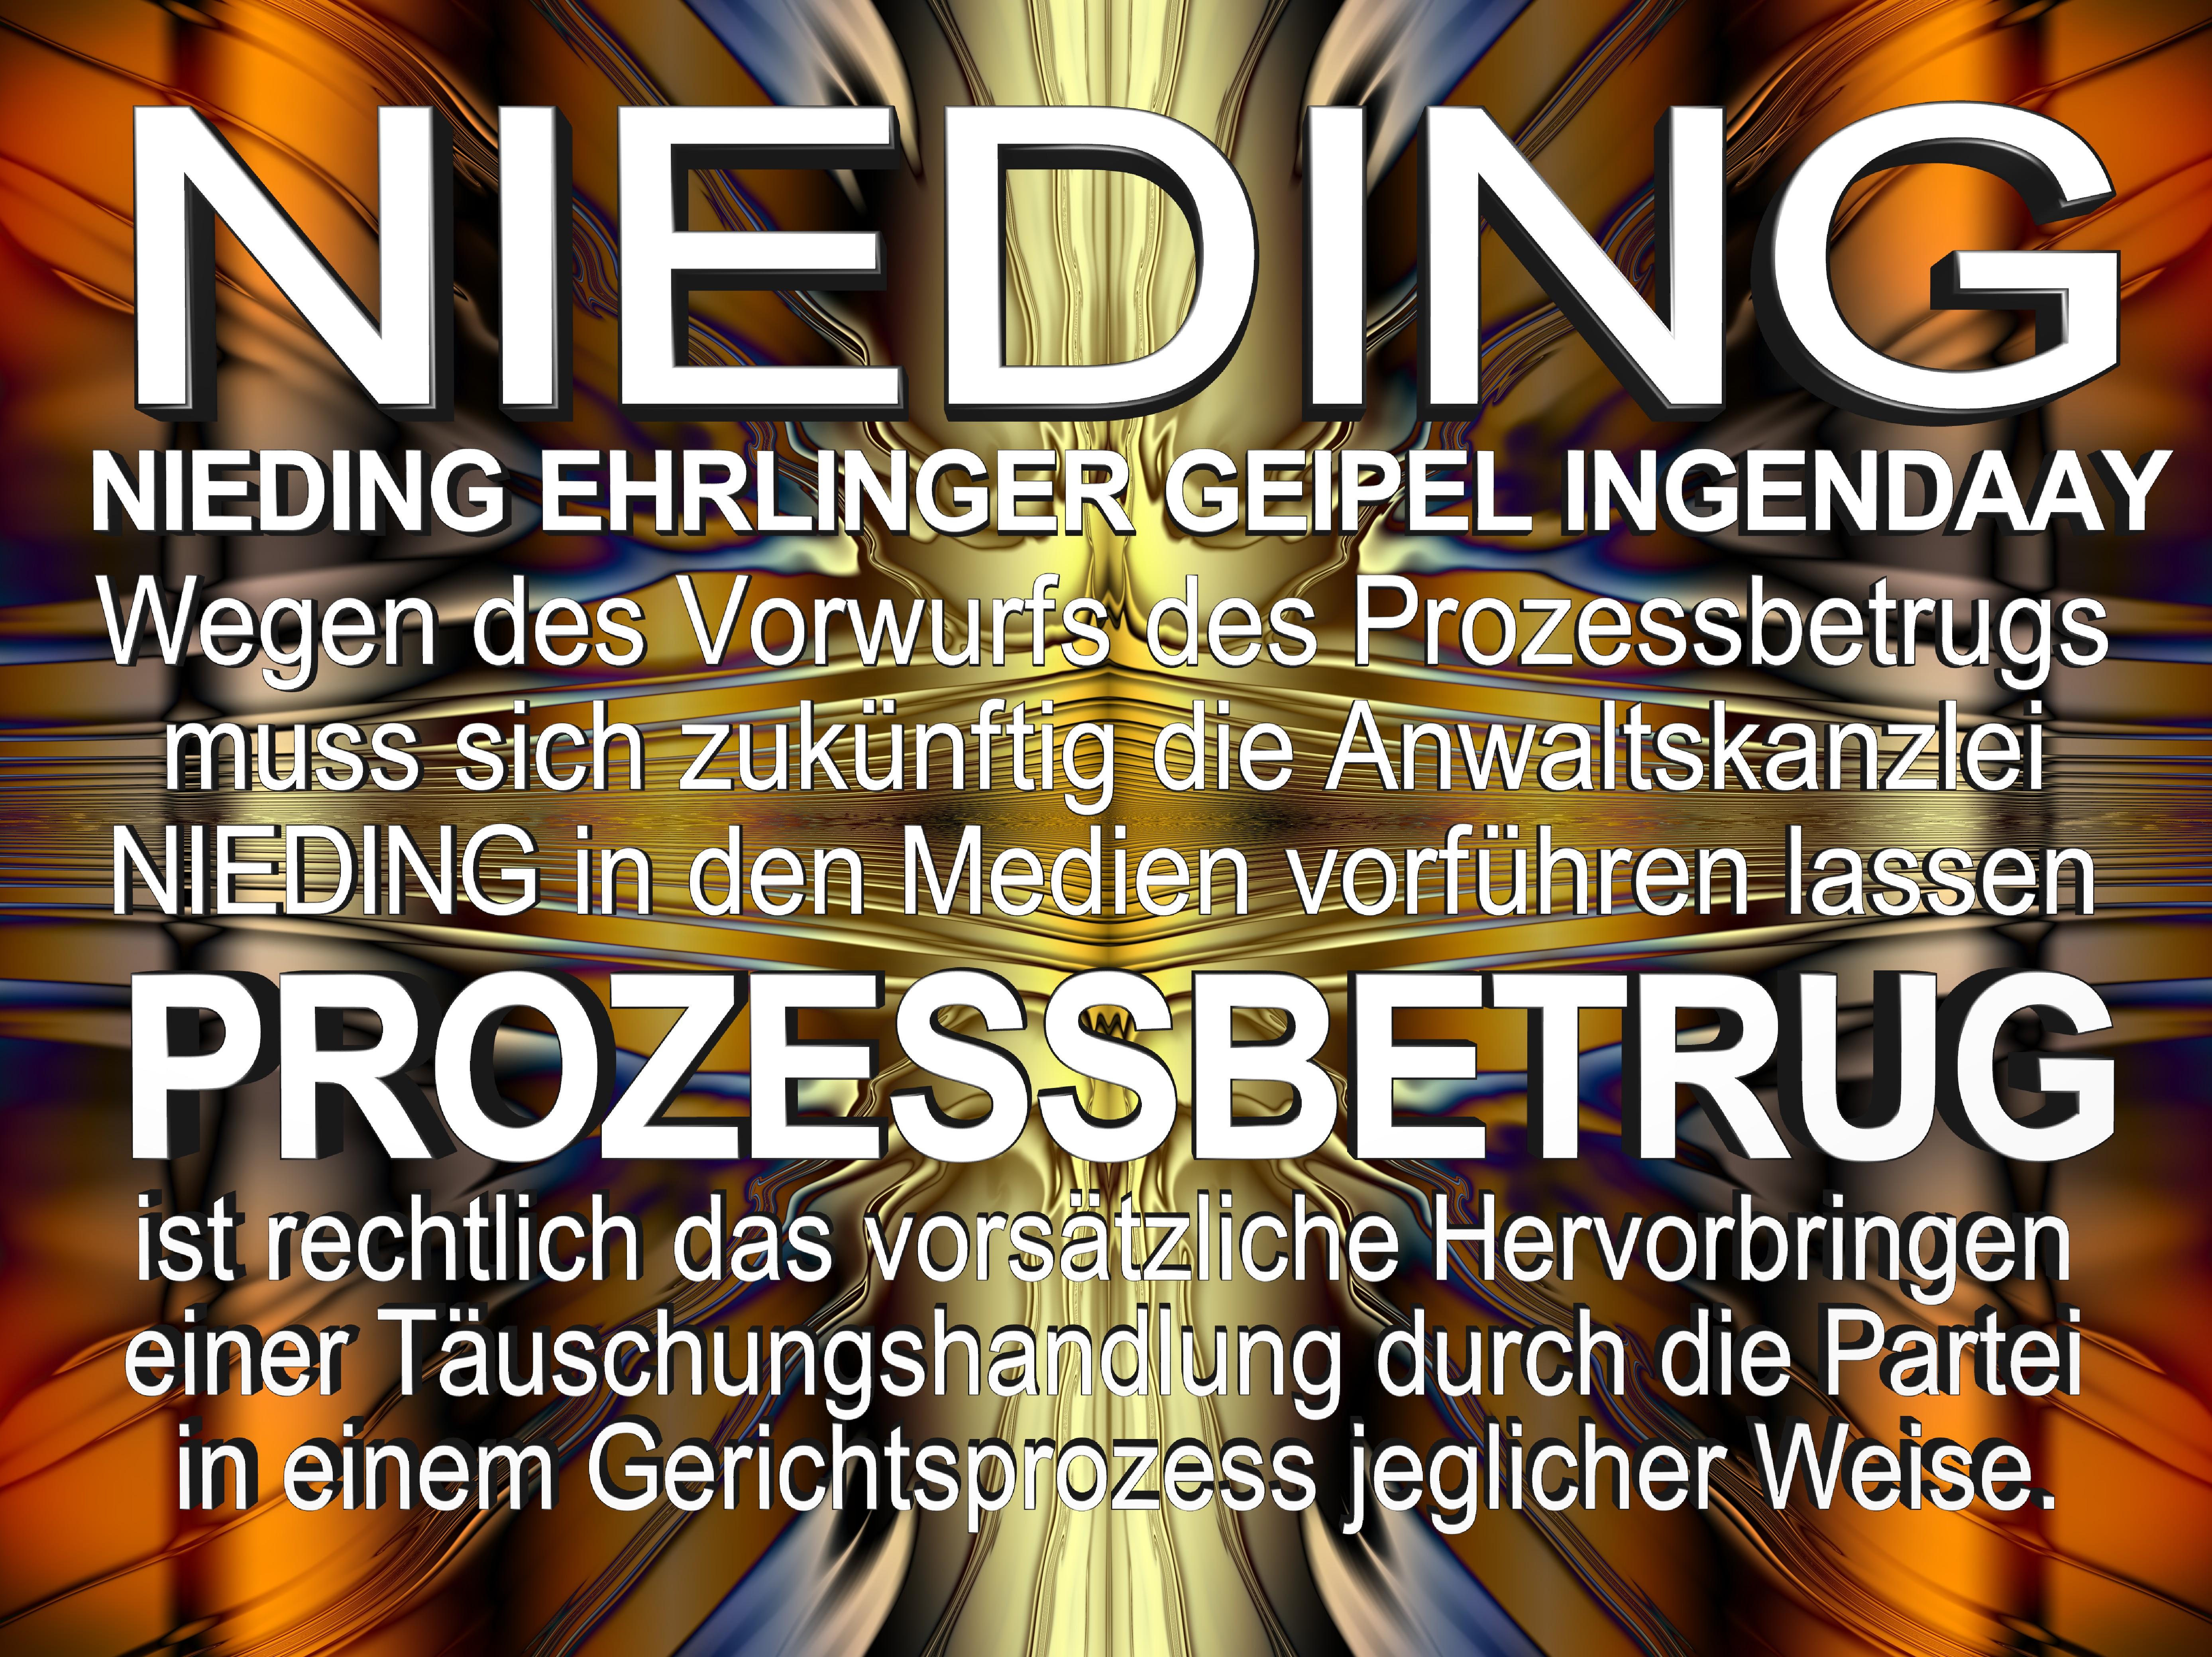 NIEDING EHRLINGER GEIPEL INGENDAAY LELKE Kurfürstendamm 66 Berlin Rechtsanwalt gewerblicher Rechtsschutz Rechtsanwälte(196)